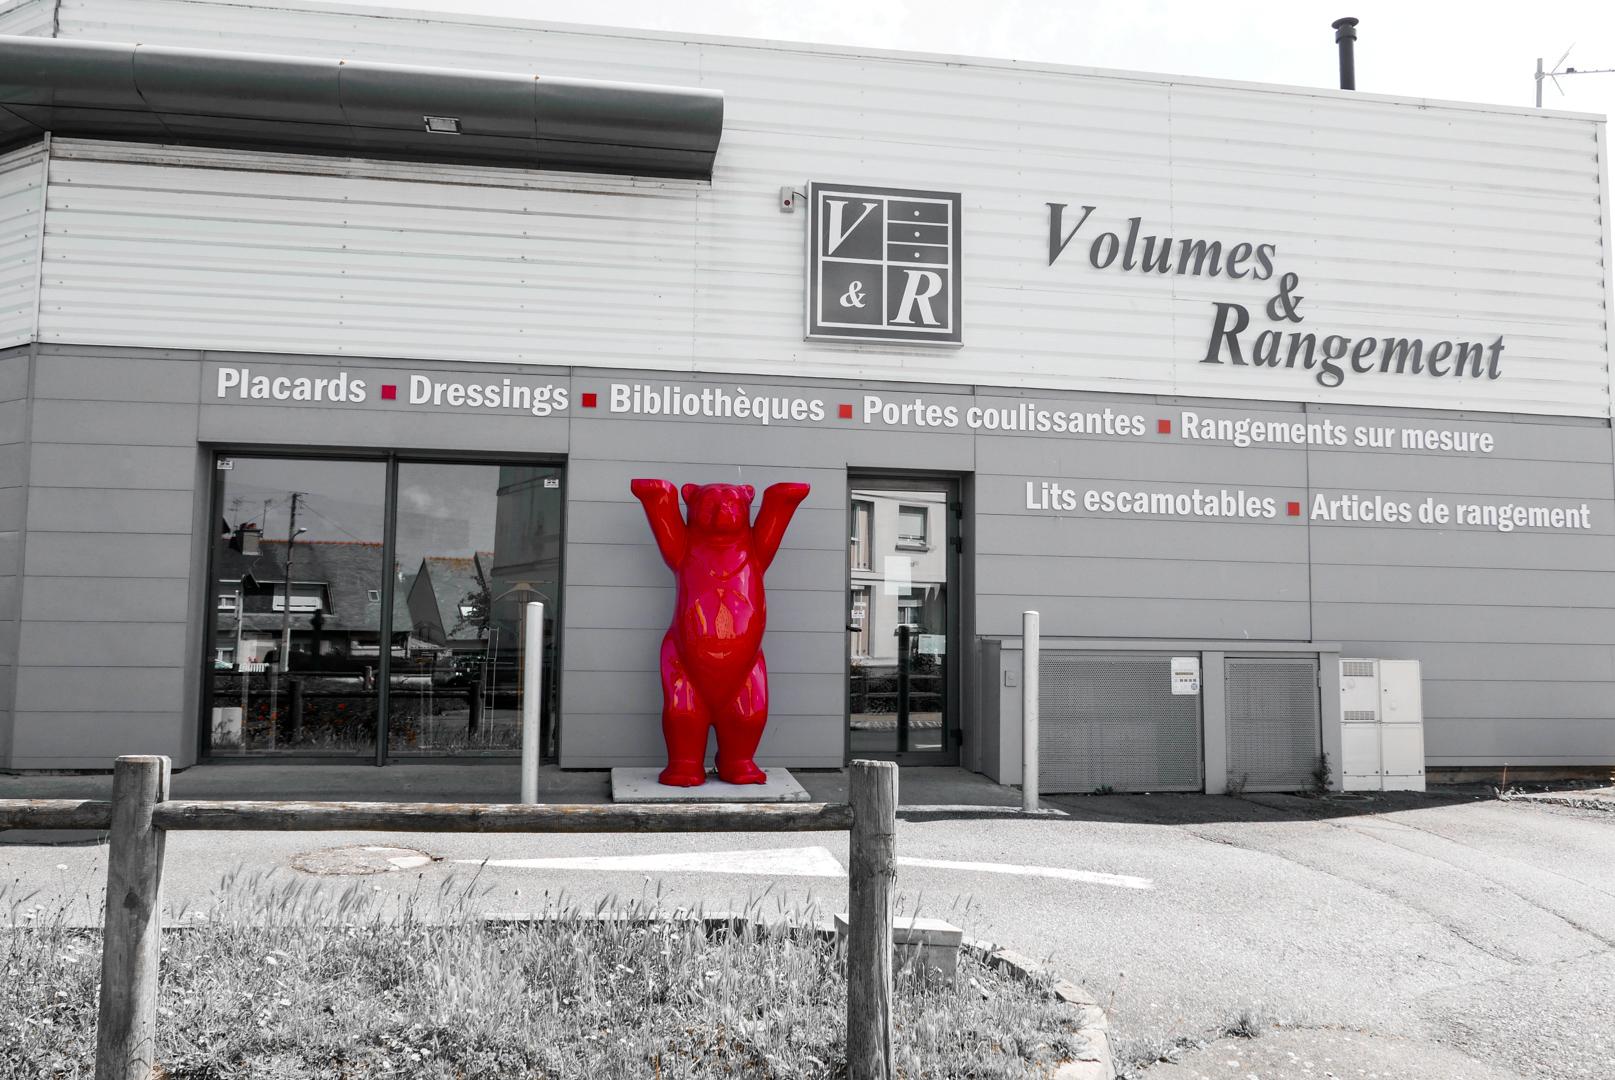 Volumes & Rangement à Saint-Malo